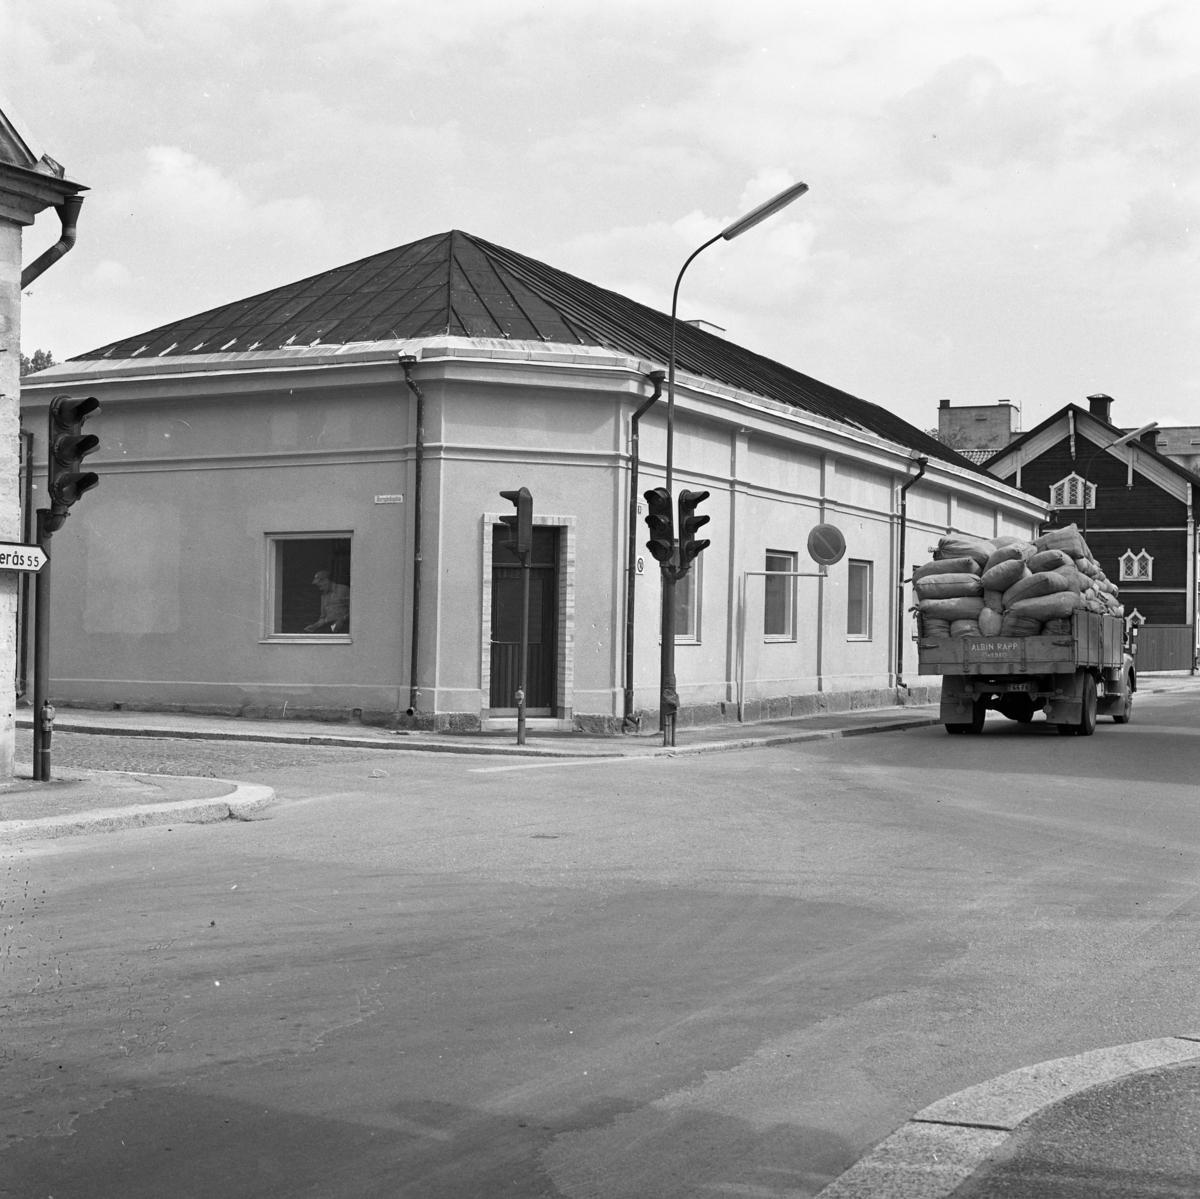 Korsningen Hamngatan - Herrgårdsgatan. Huset renoveras på insidan, en hantverkare syns i fönstret. På Östra Hamngatan kör en lastbil från Albin Rapps Konfektionsfabrik. Den är lastad med säckar.